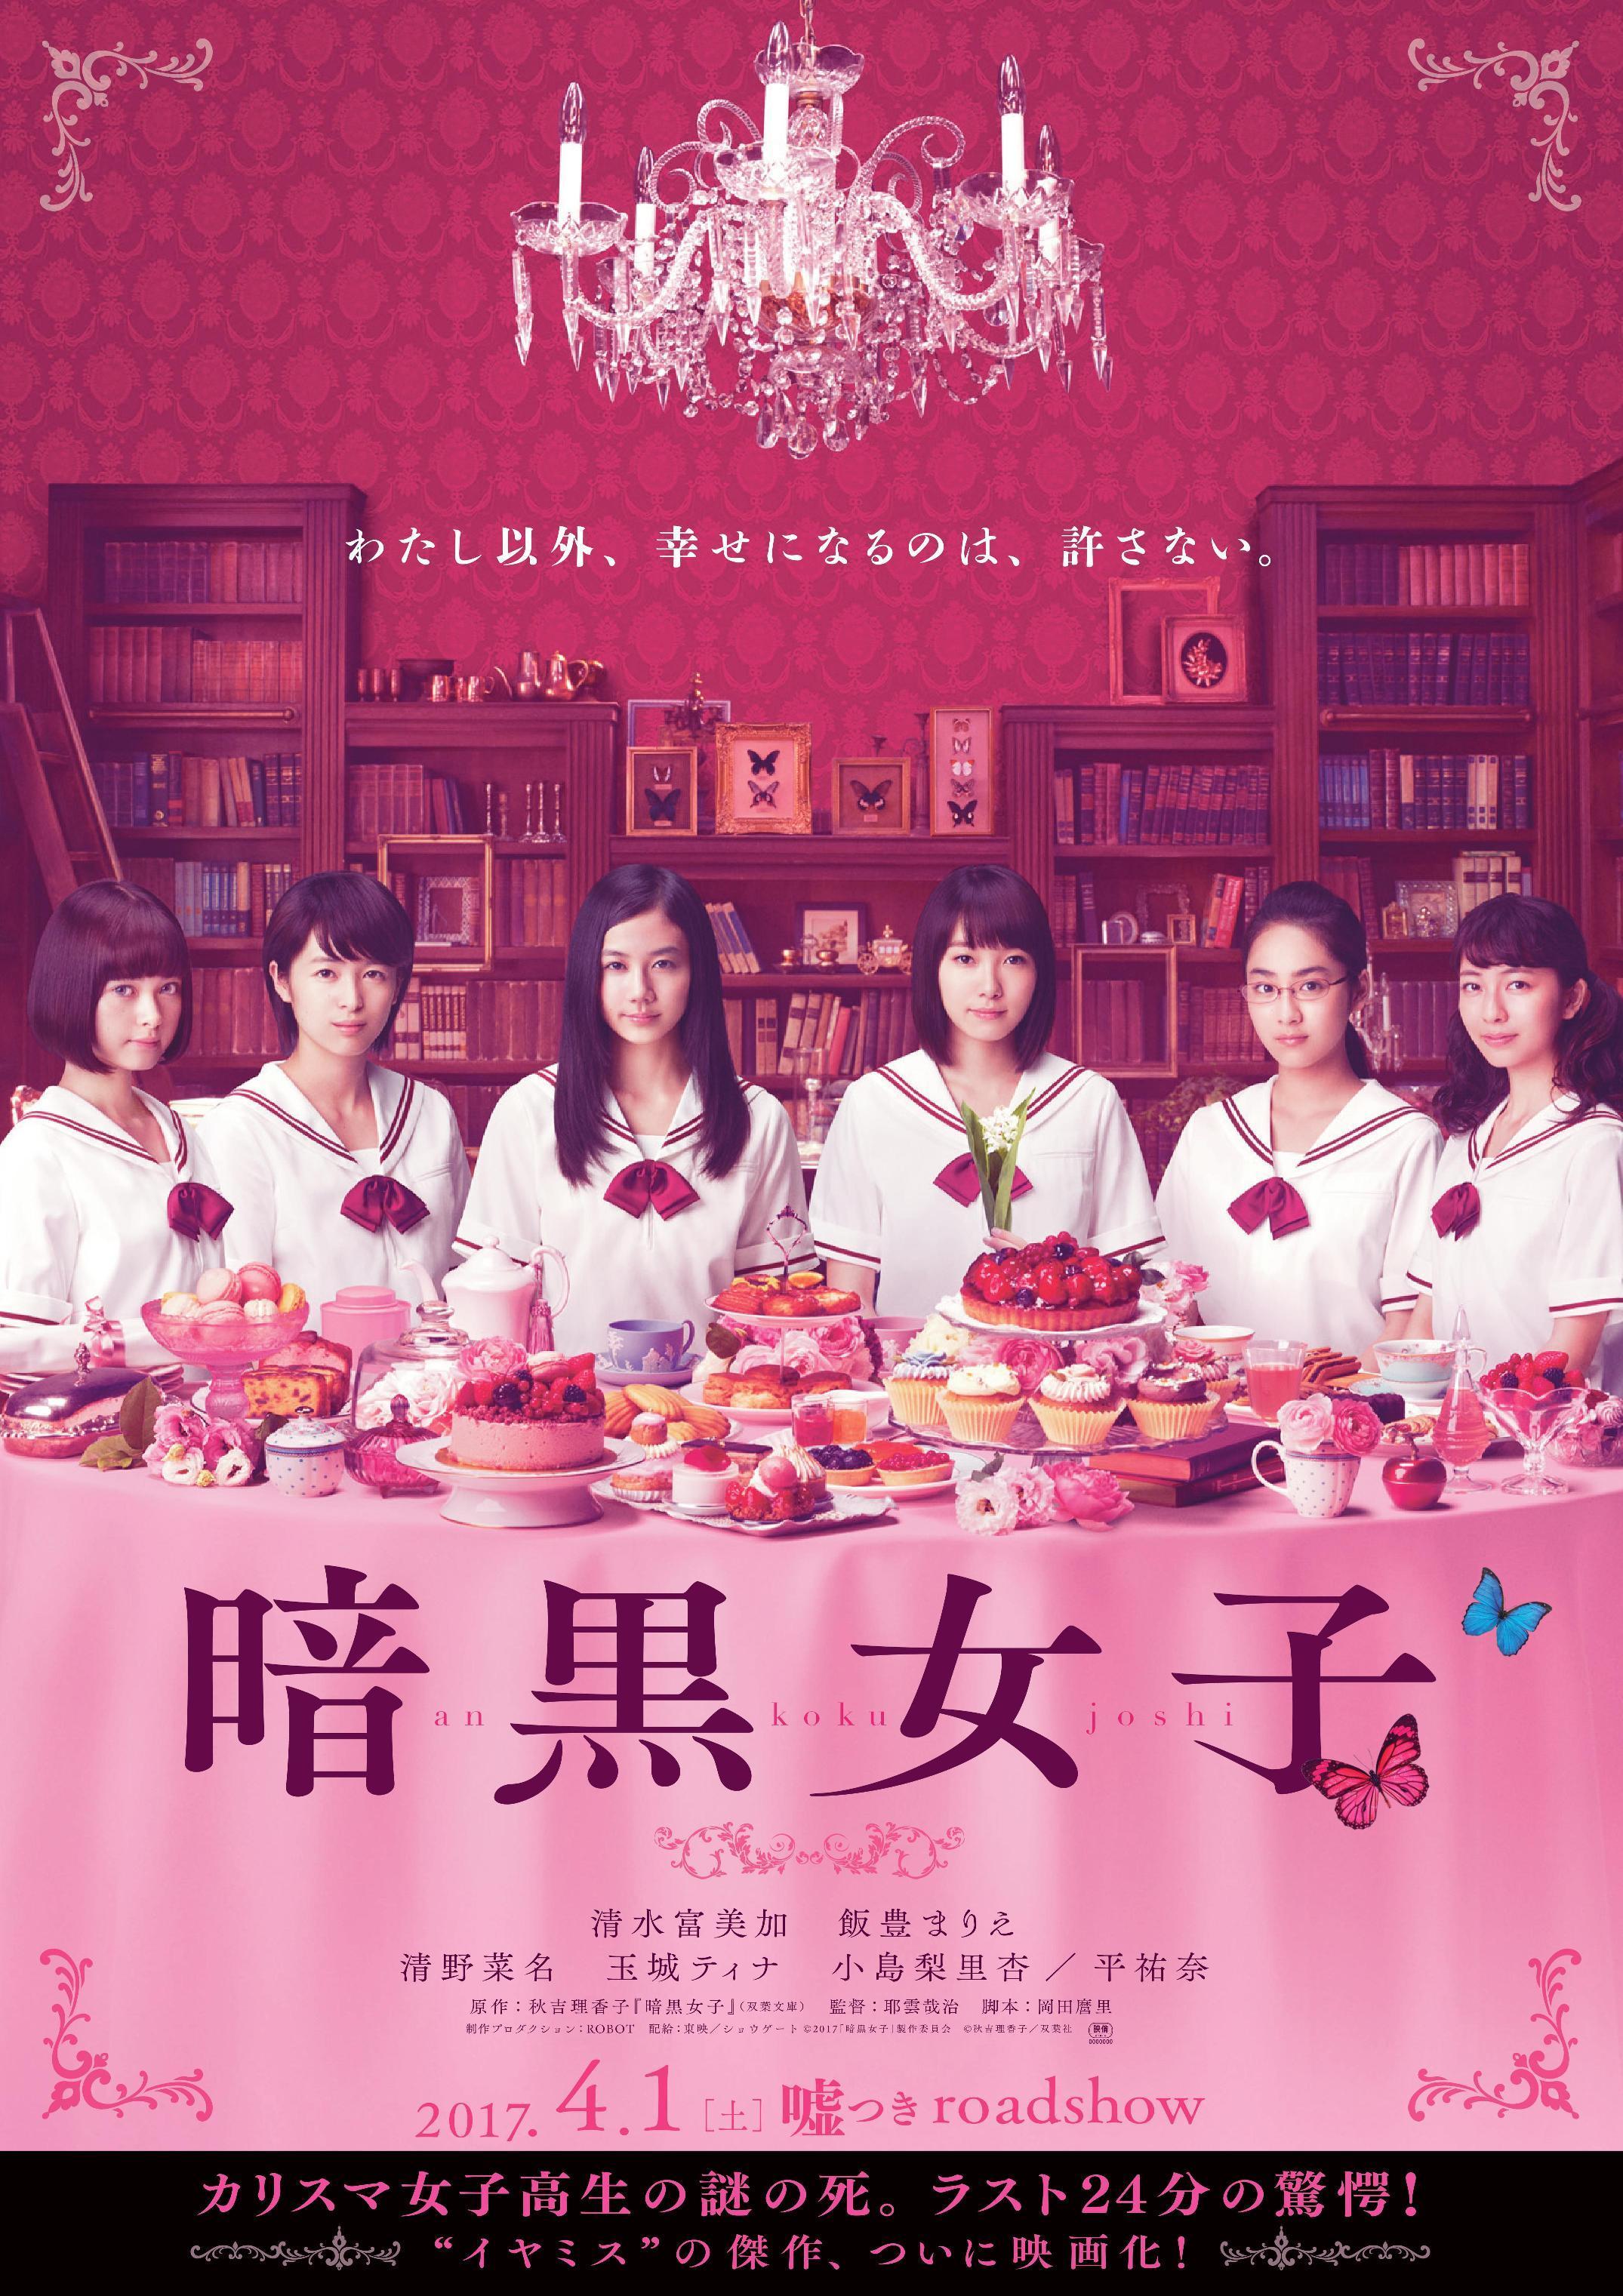 映画『暗黒女子』 (C)2017「暗黒女子」製作委員会 (C)秋吉理香子/双葉社